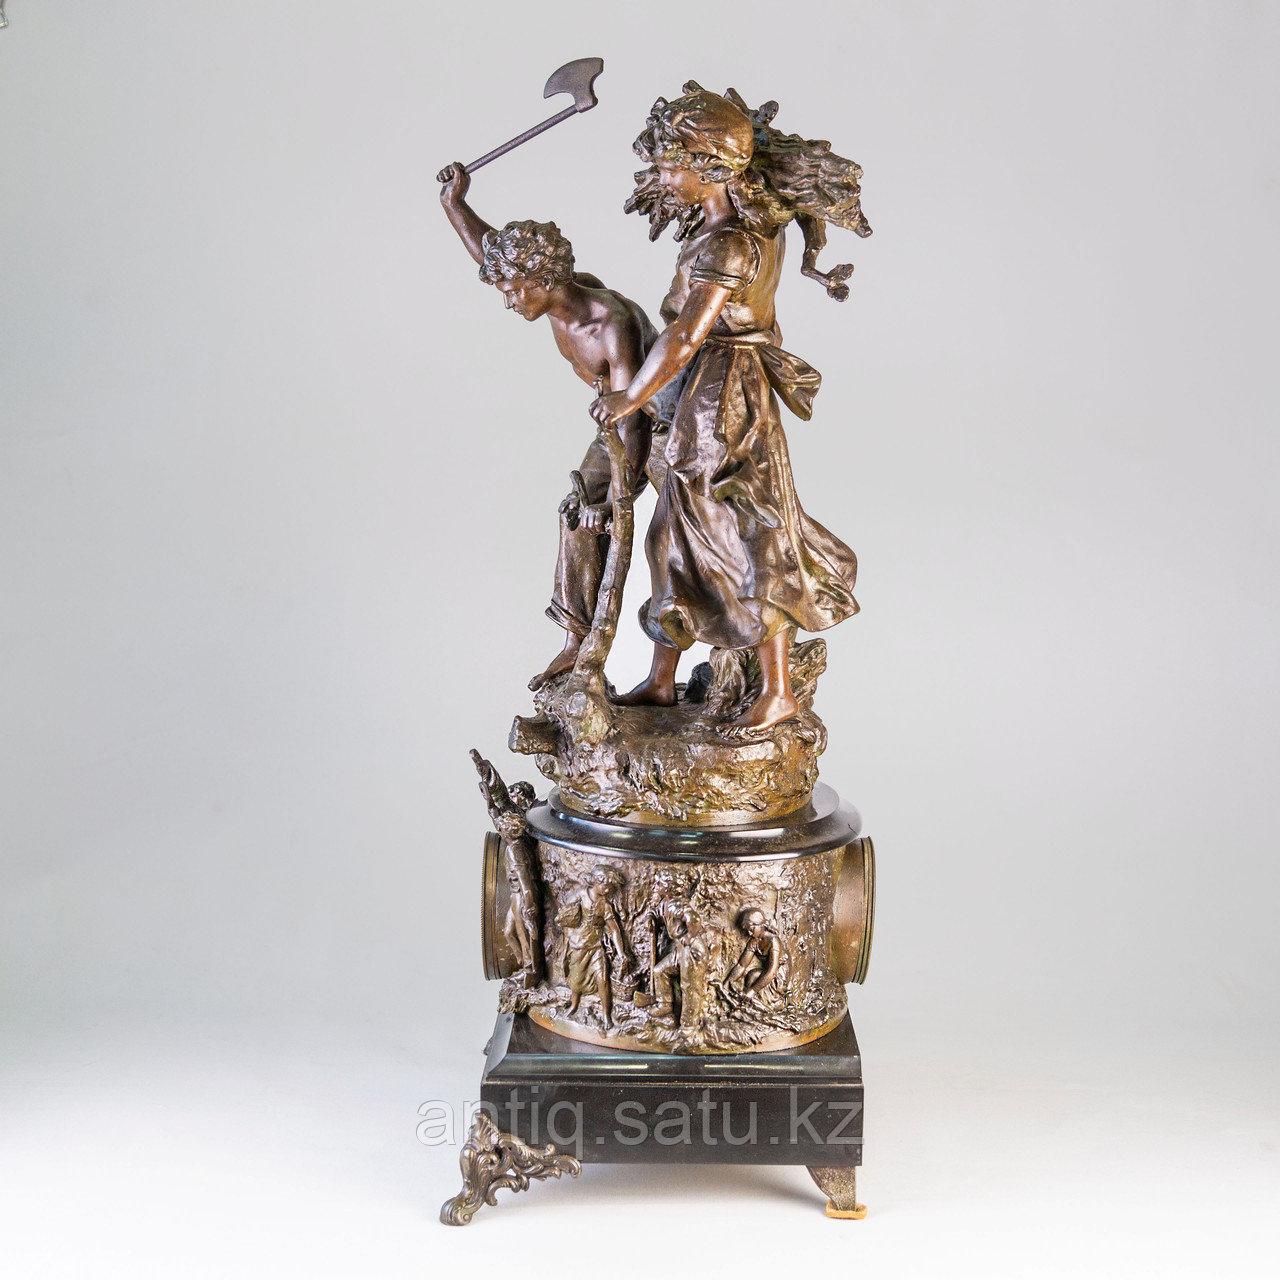 Часы в стиле Наполеона III. Скульптор Hippolyte Moreau Часовая мастерская S. Marti & Cie - фото 2